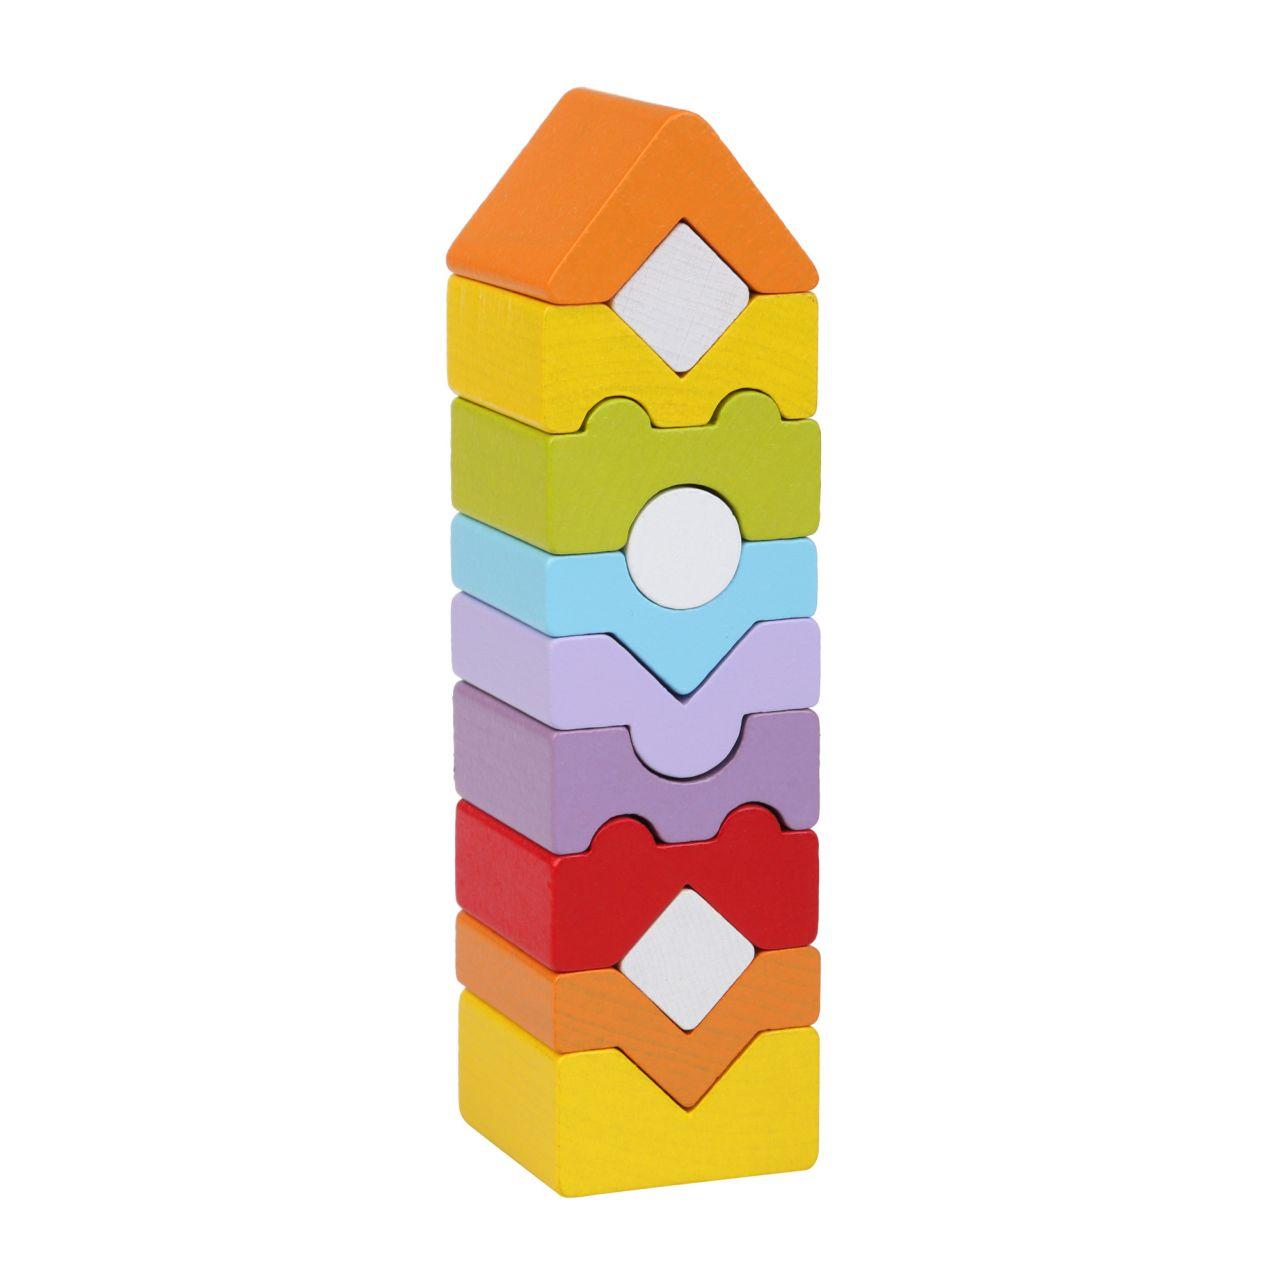 CUBIKA 14996 Věž XI - dřevěná skládačka 12 dílů